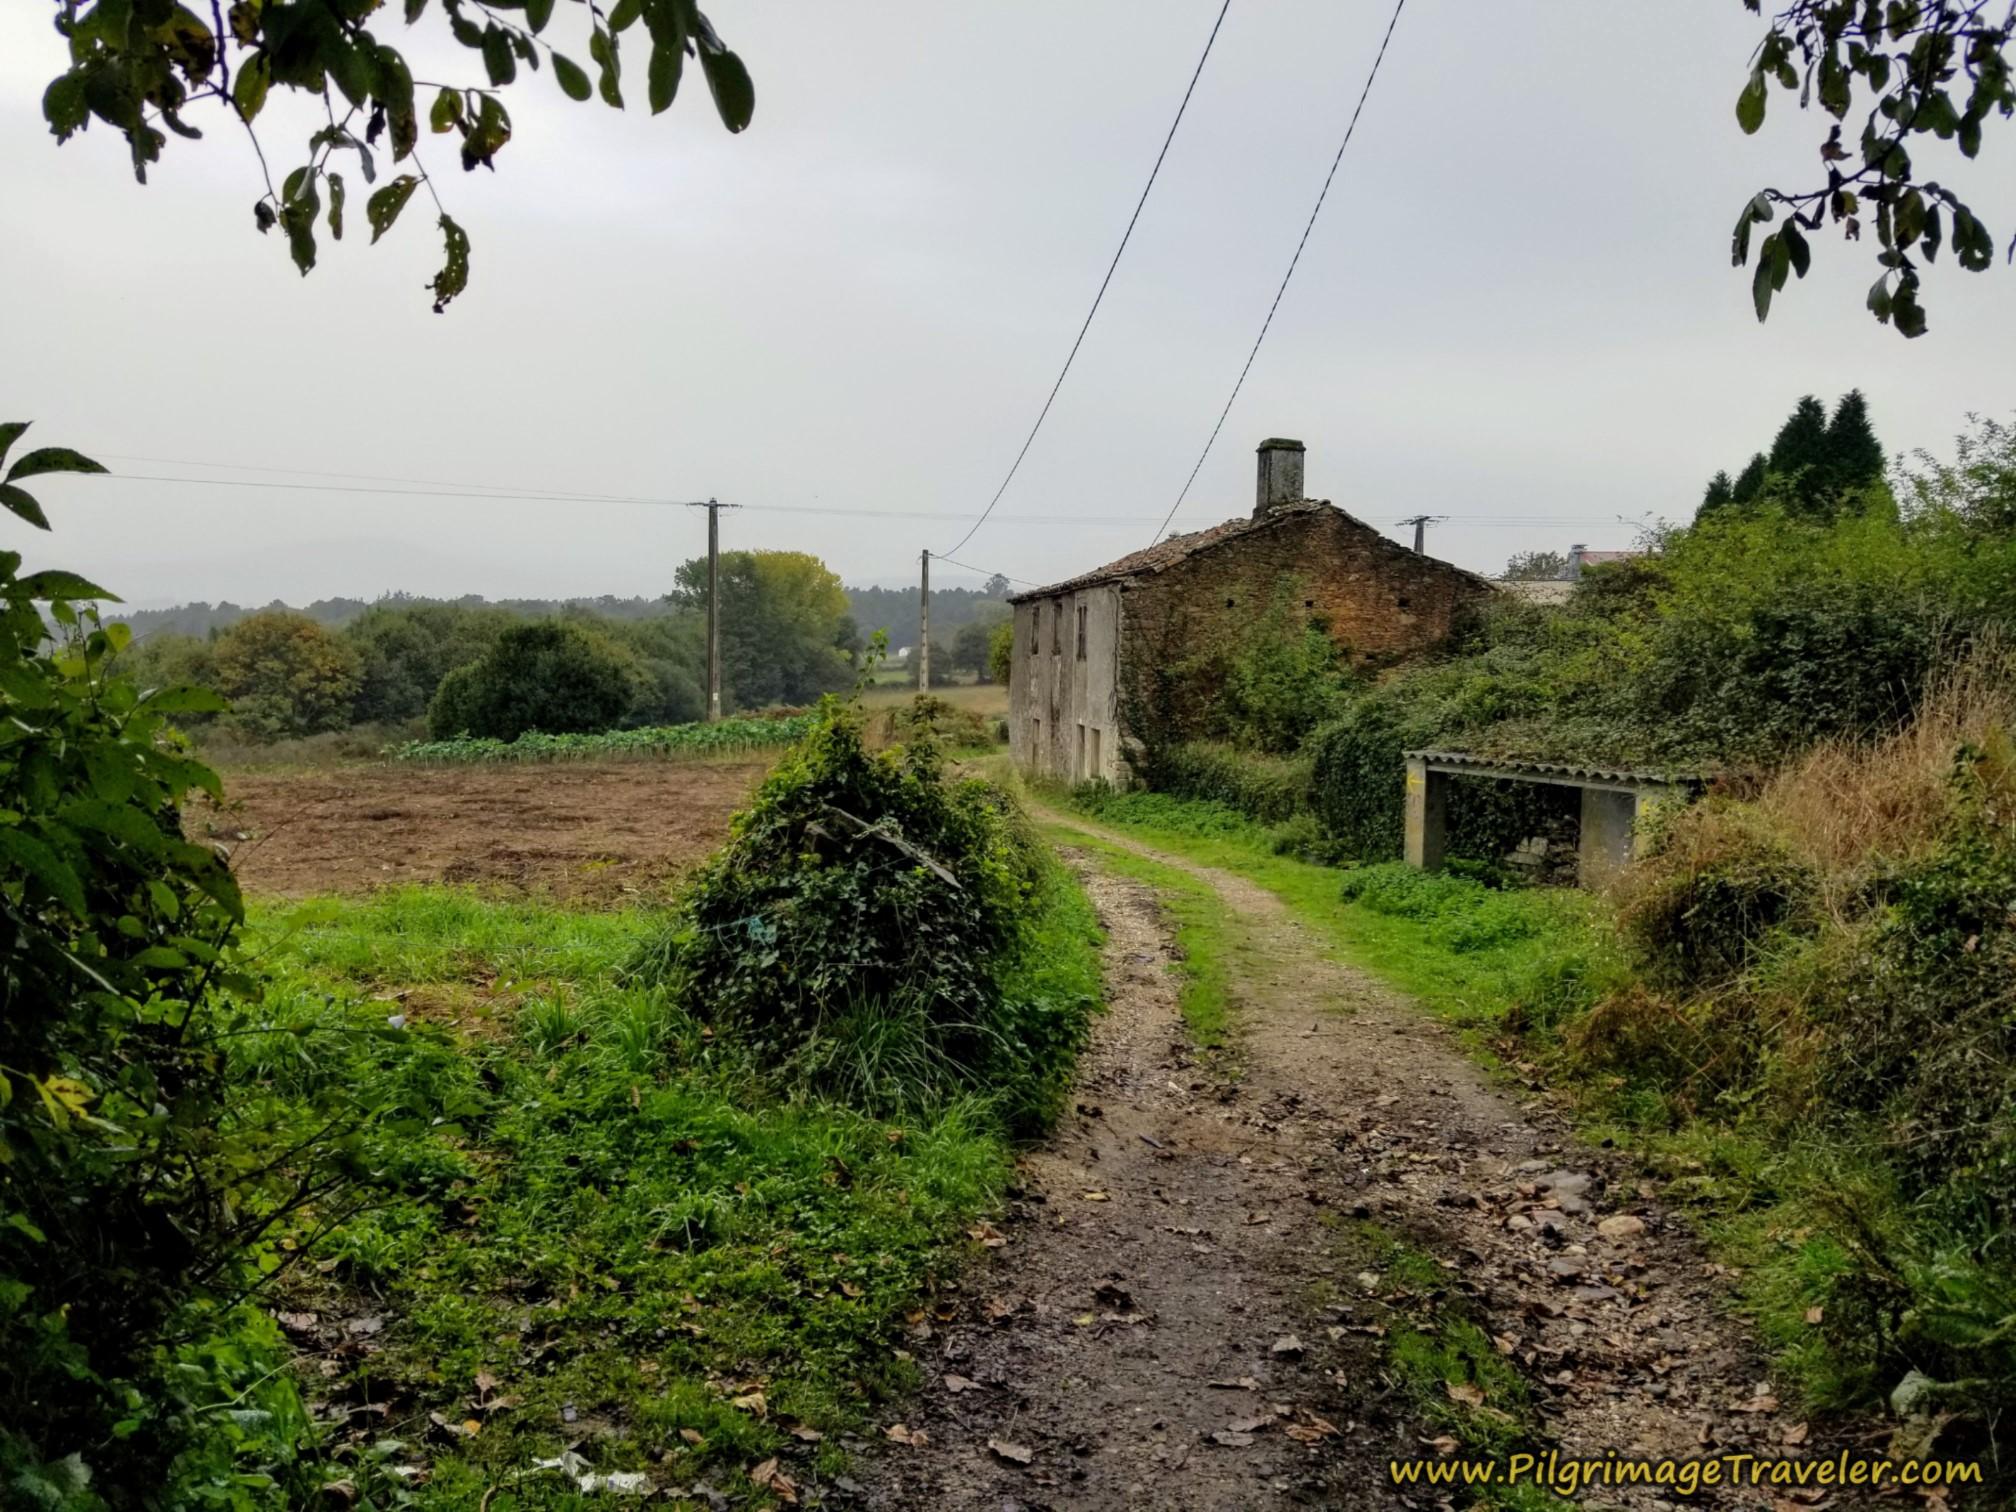 The Next Lane Onward from Prado